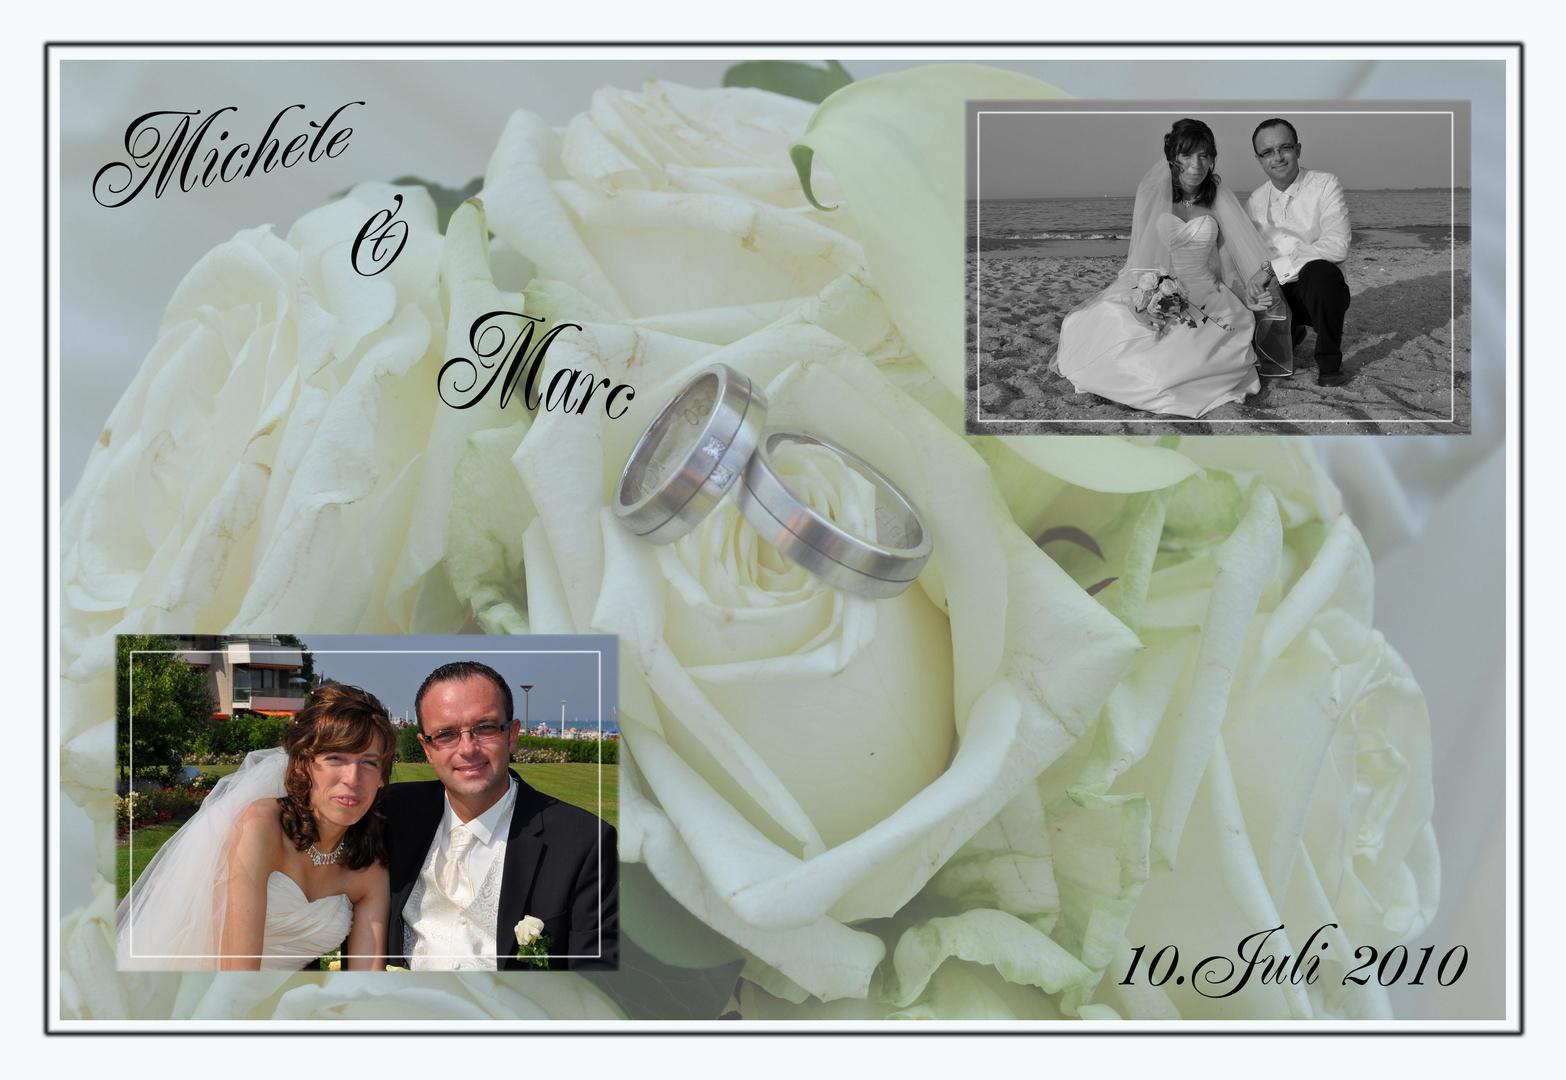 Hochzeit M&M / Collage